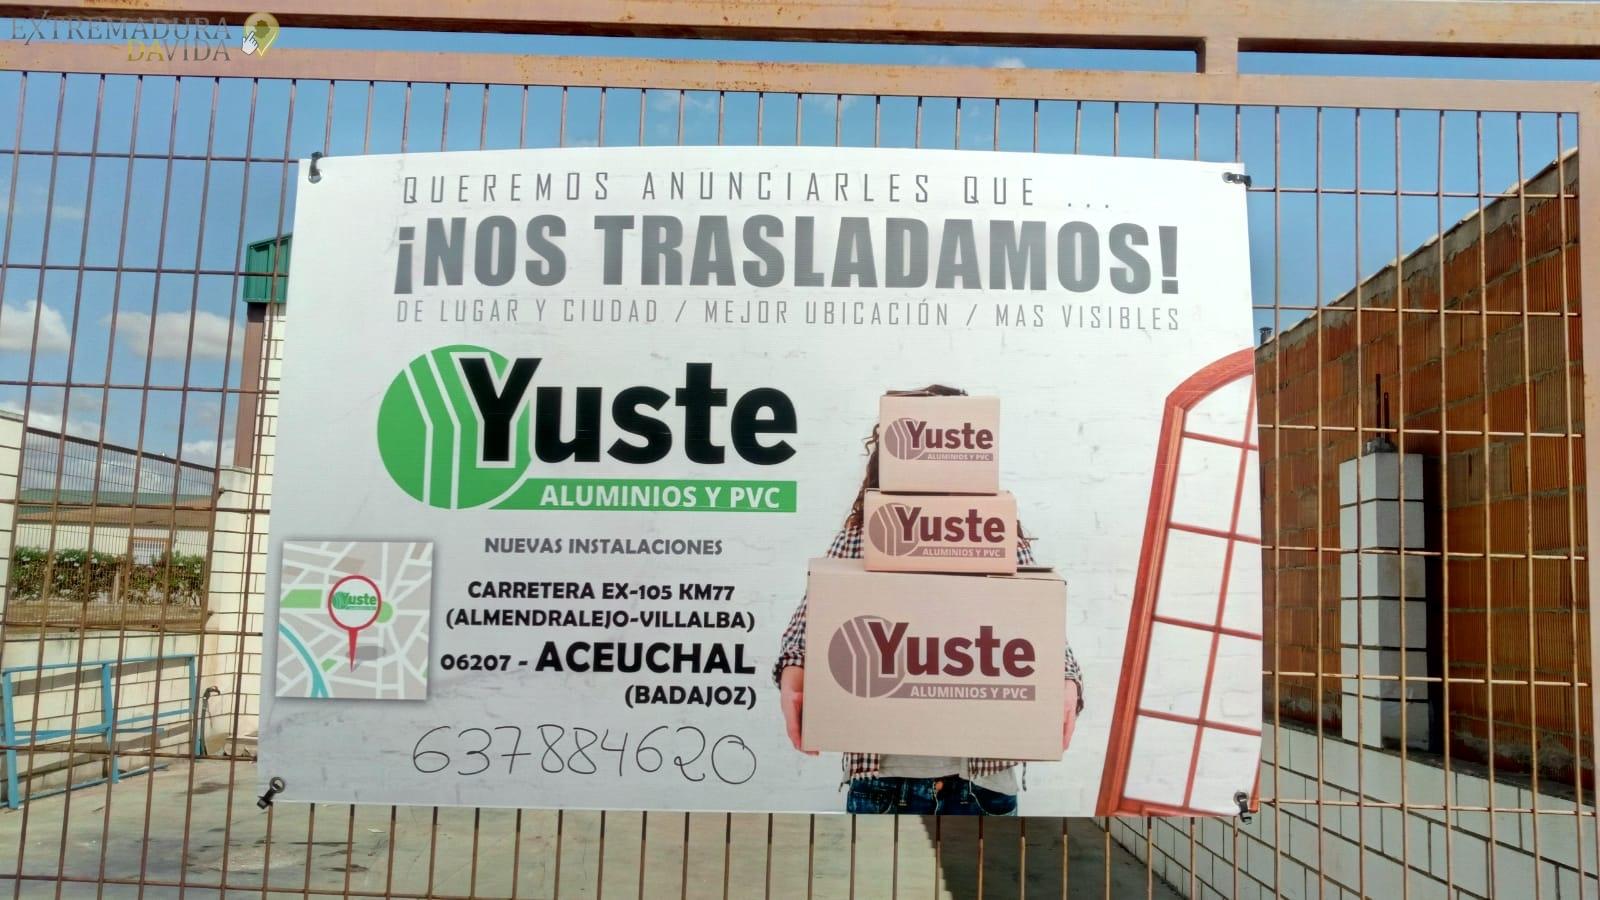 ALUMINIOS Y PVC EN ALMENDRALEJO YUSTE Y GODOY S.CUSTE Y GODOY S.C ACEUCHAL